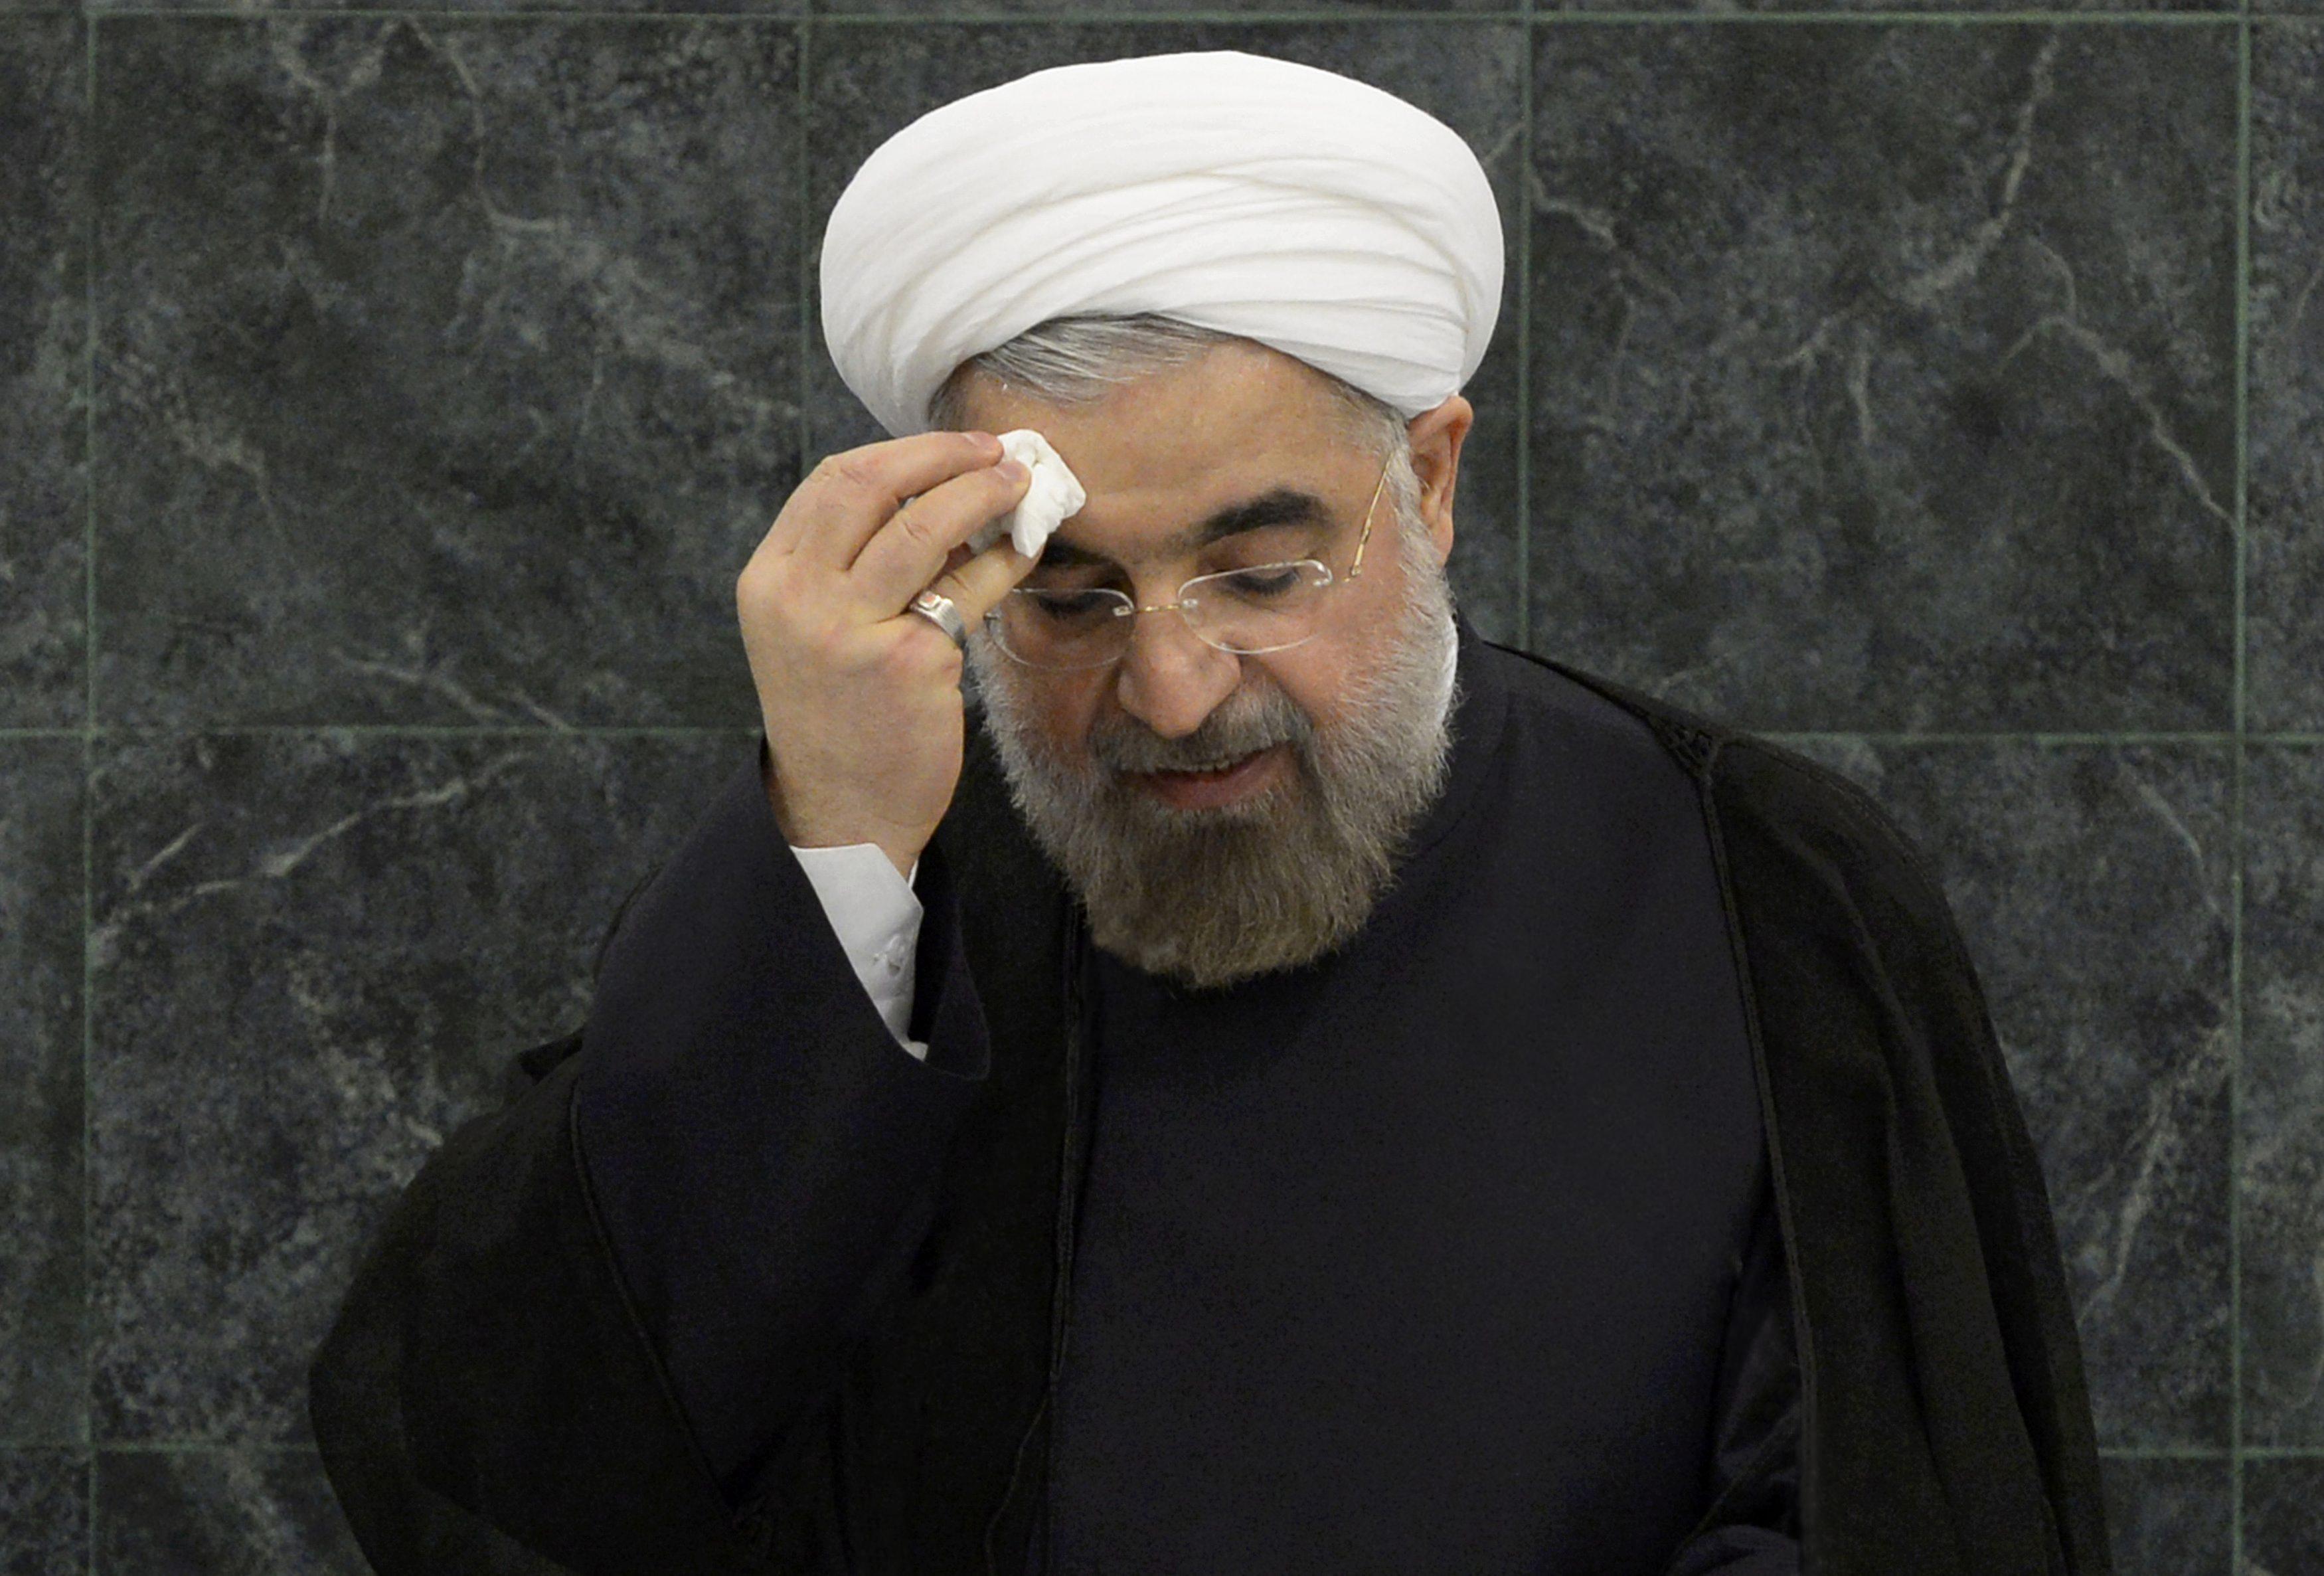 صورة إيران تصاب بالحزن والوحدة بعد مقاطعة السودان لها